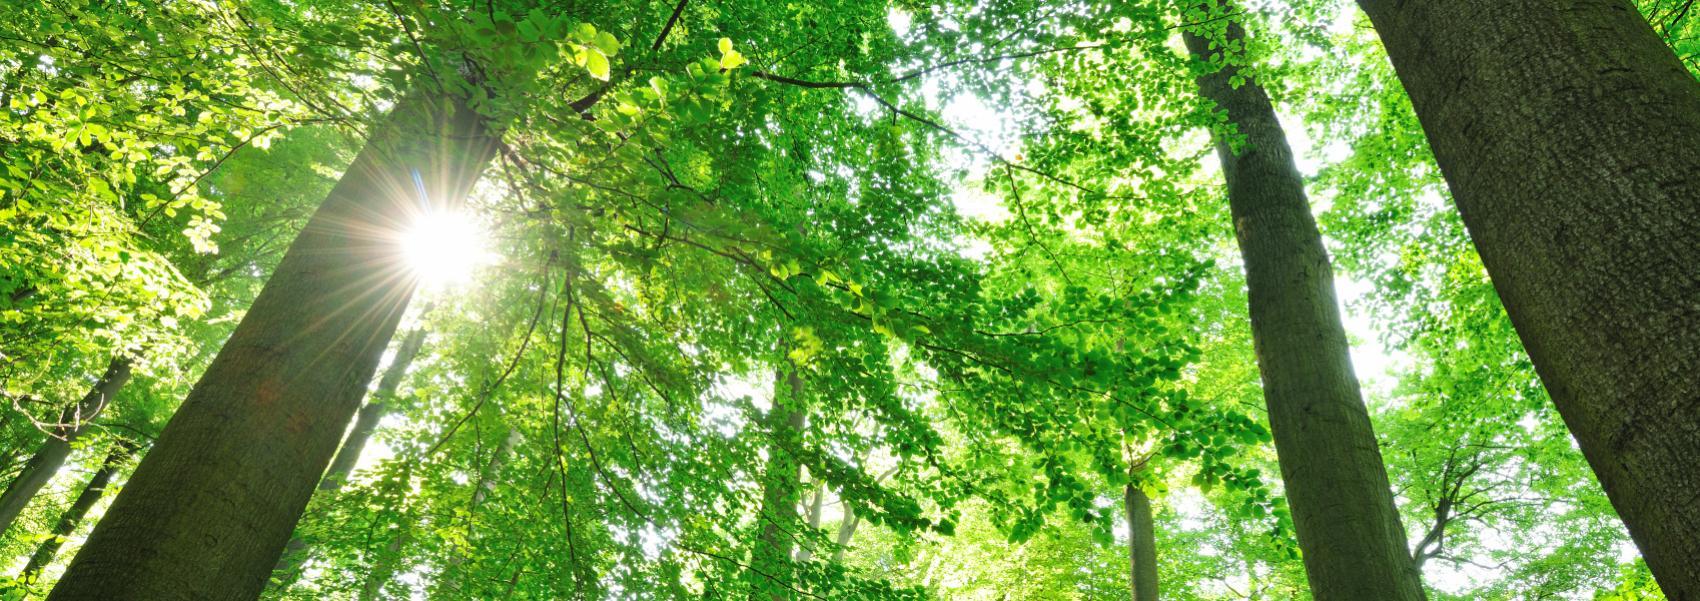 zicht op de bomen (kikkerperspectief)